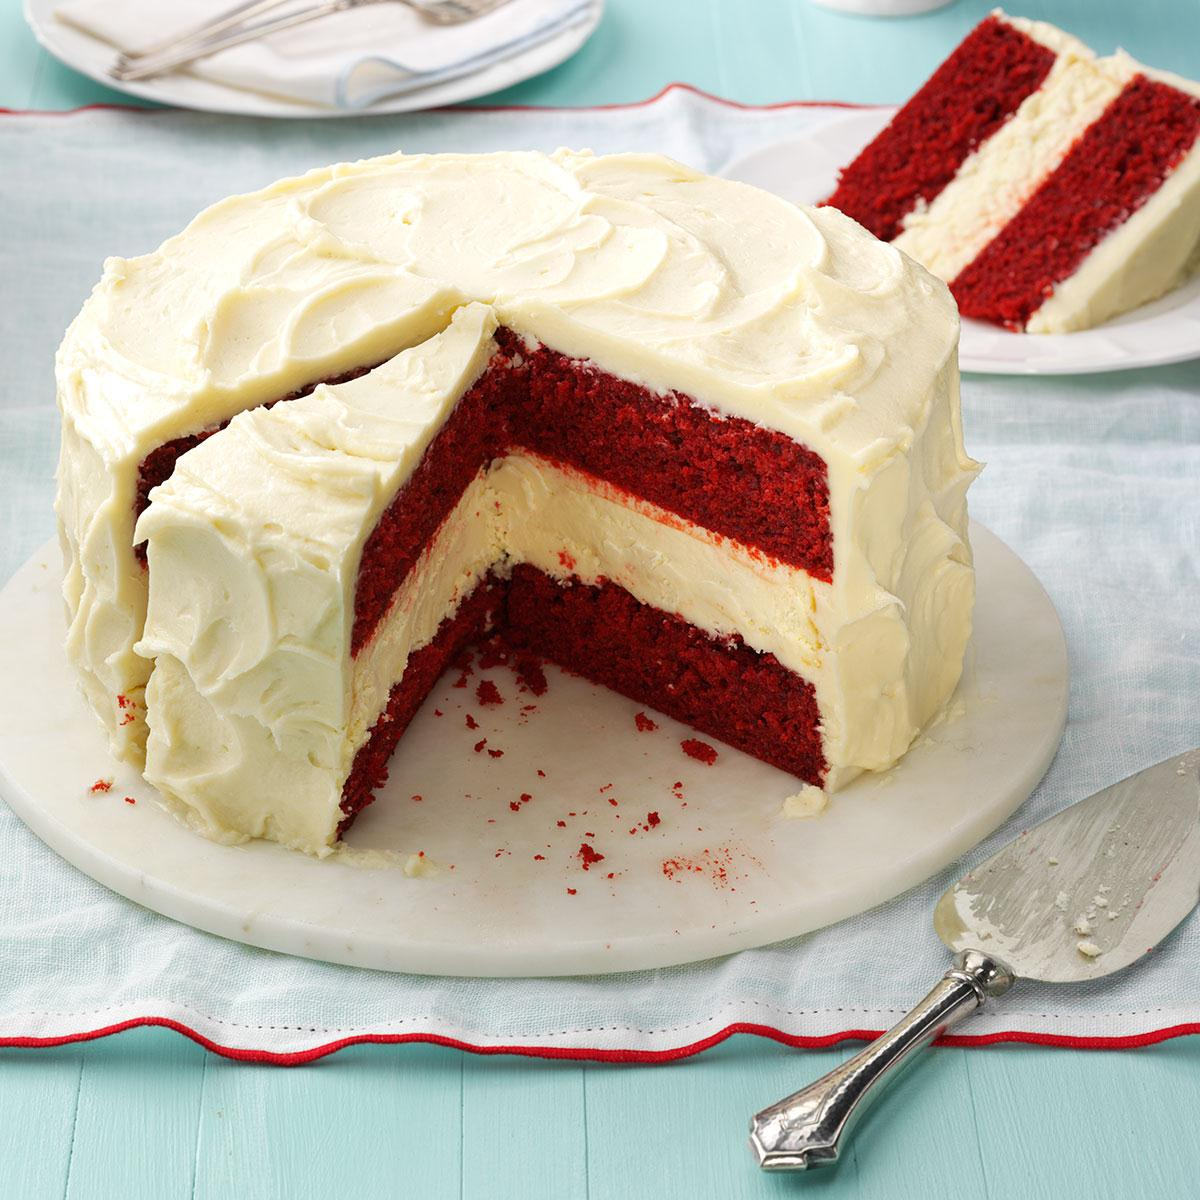 Cheesecake Layered Red Velvet Cake Recipe